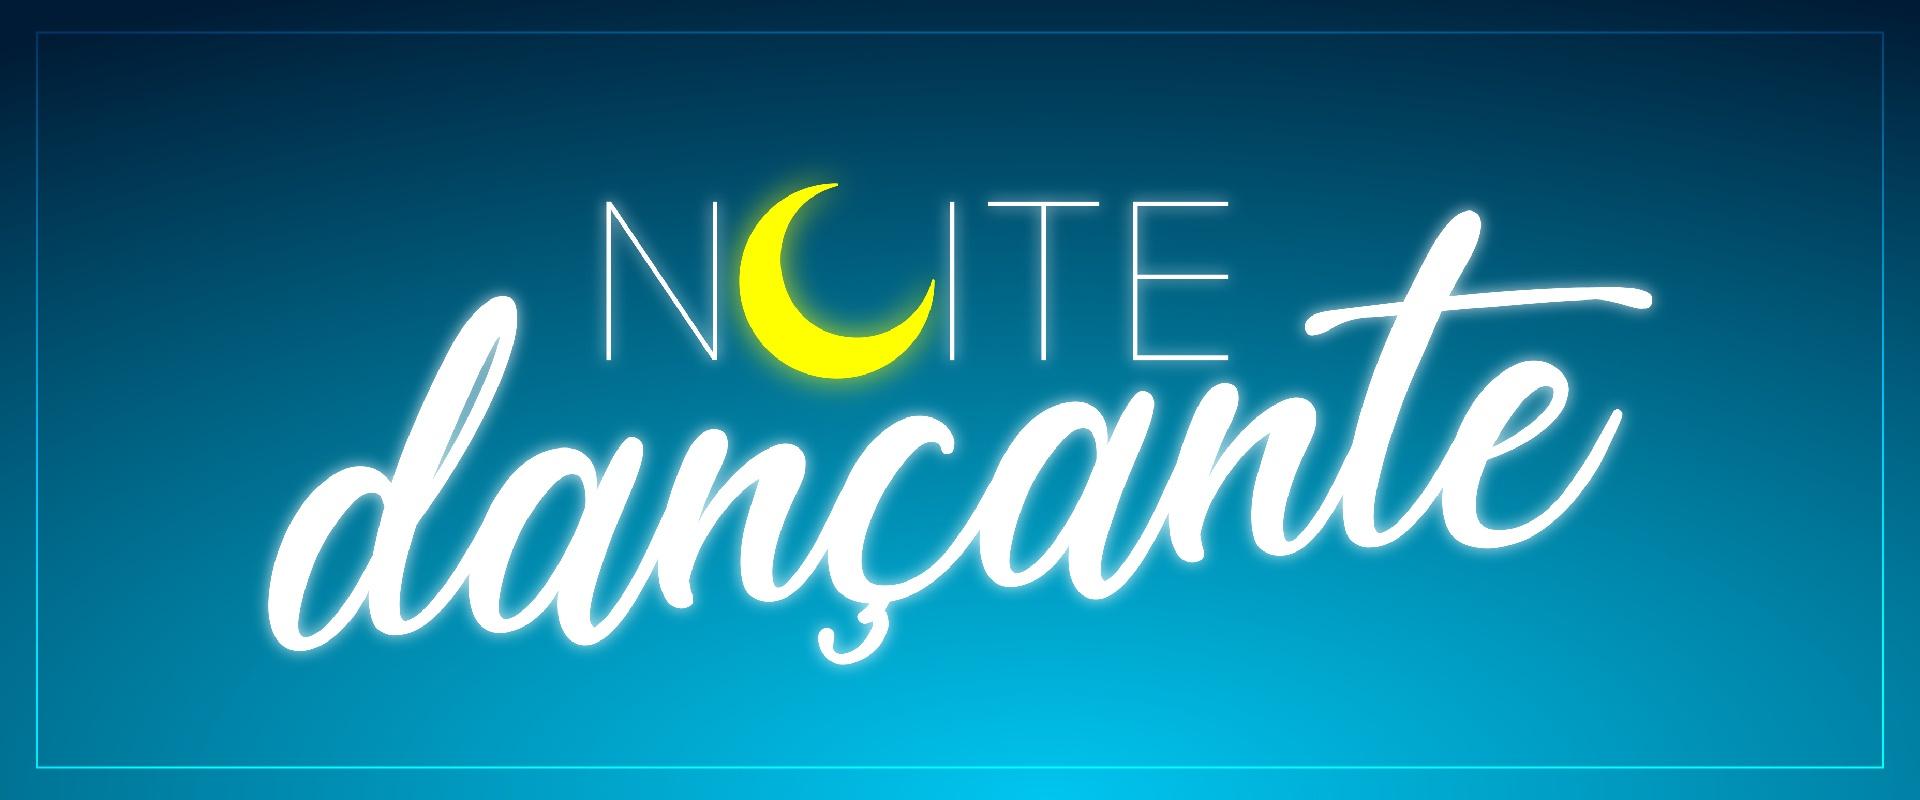 site_noite_dan_MAI_Site_banner